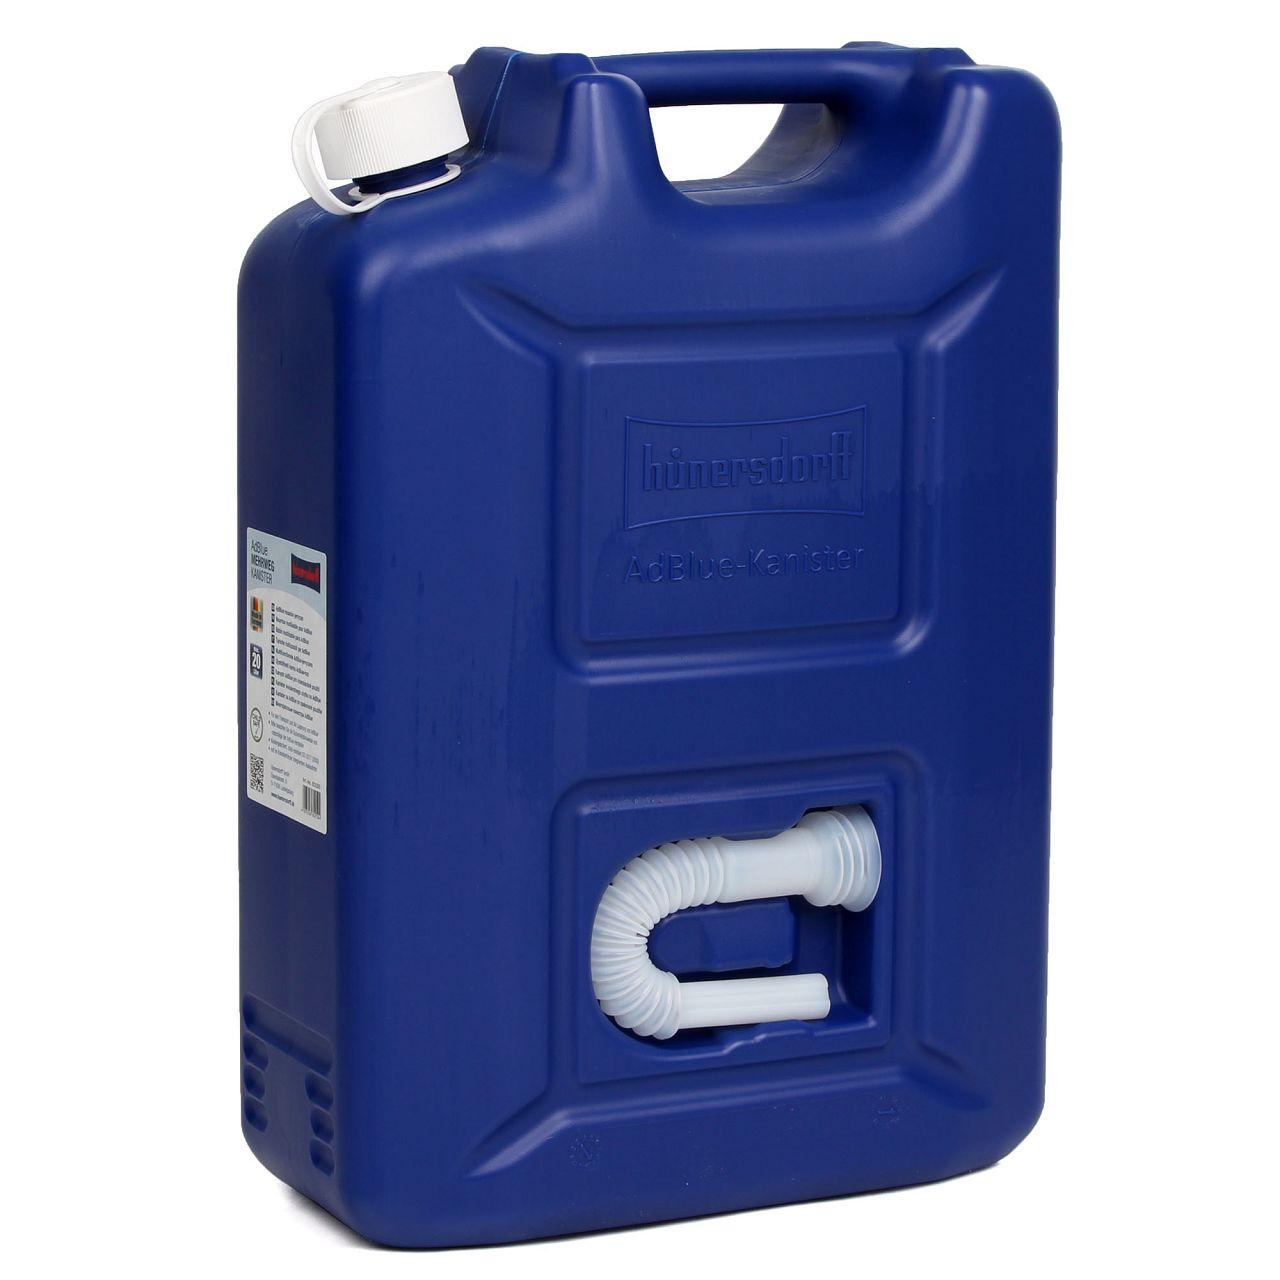 HÜNERSDORFF 802500 Kanister Benzinkanister Reservekanister ADBLUE 20 L Blau